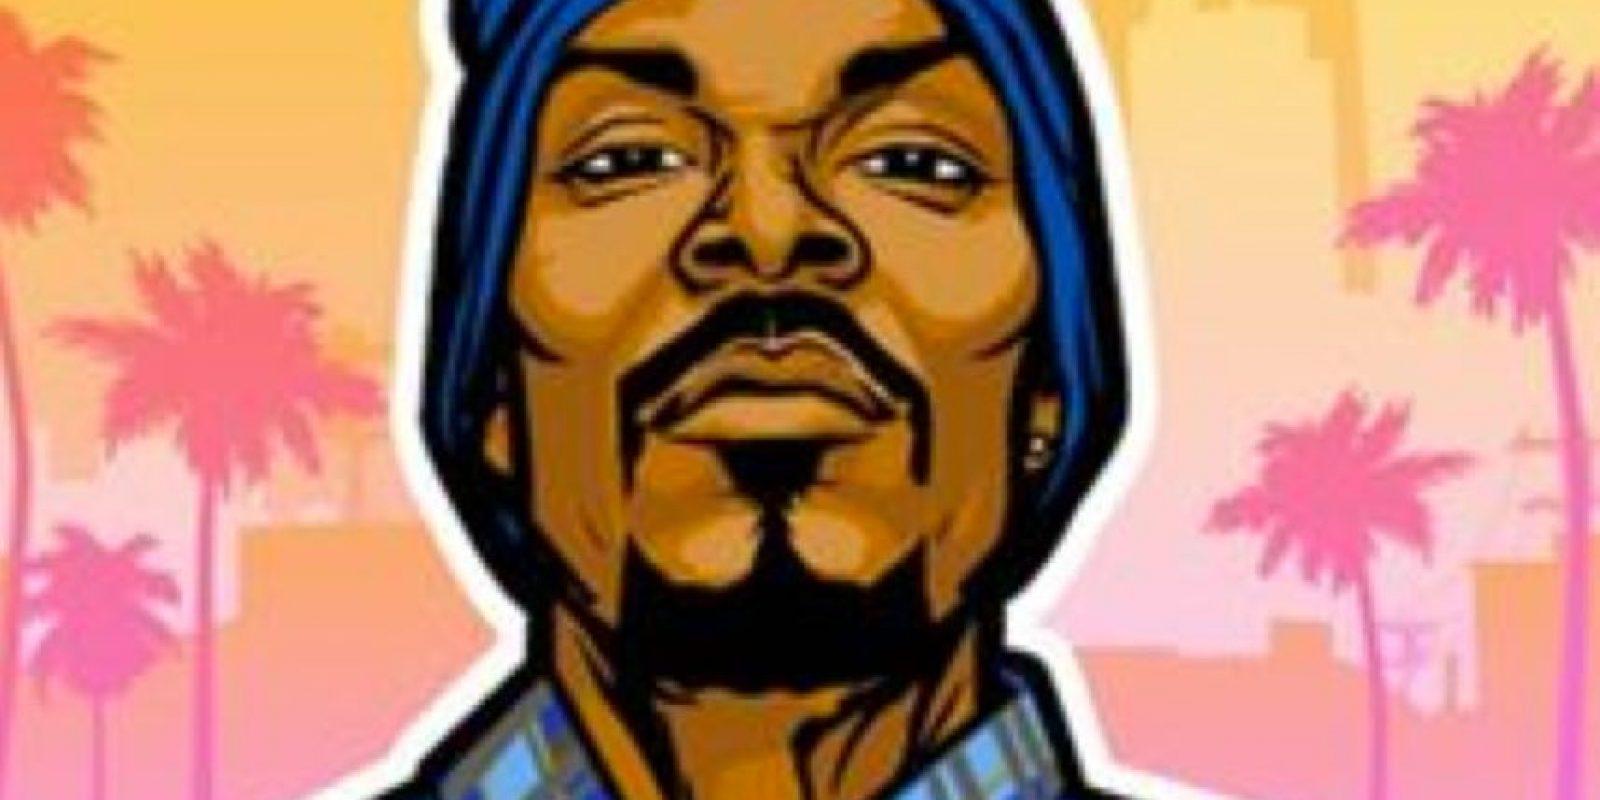 Snoop Lion's Snoopify!: es una app que les permite editar y compartir fotos. Pueden decorarlas con gráficos y obras de arte de Snoop Dogg para después publicarlas en redes sociales. Foto:NeonRoots, LLC